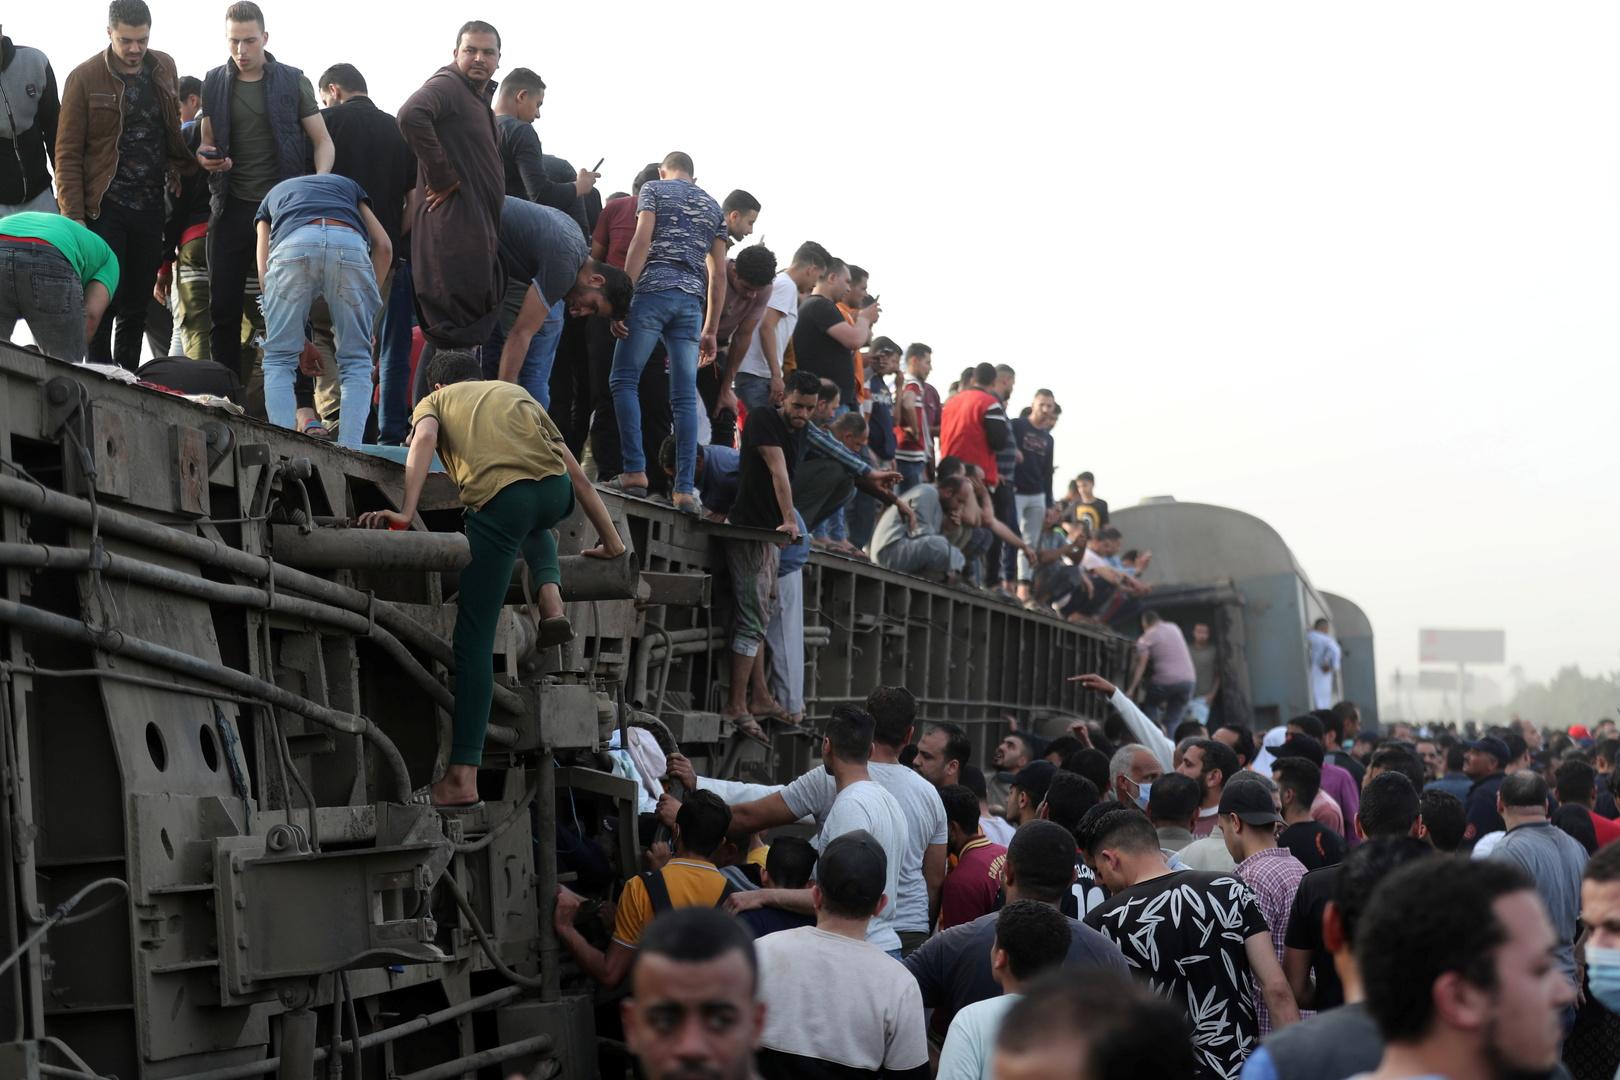 السيسي يكلف بتشكيل لجنة للوقوف على أسباب حادث قطار القاهرة-المنصورة